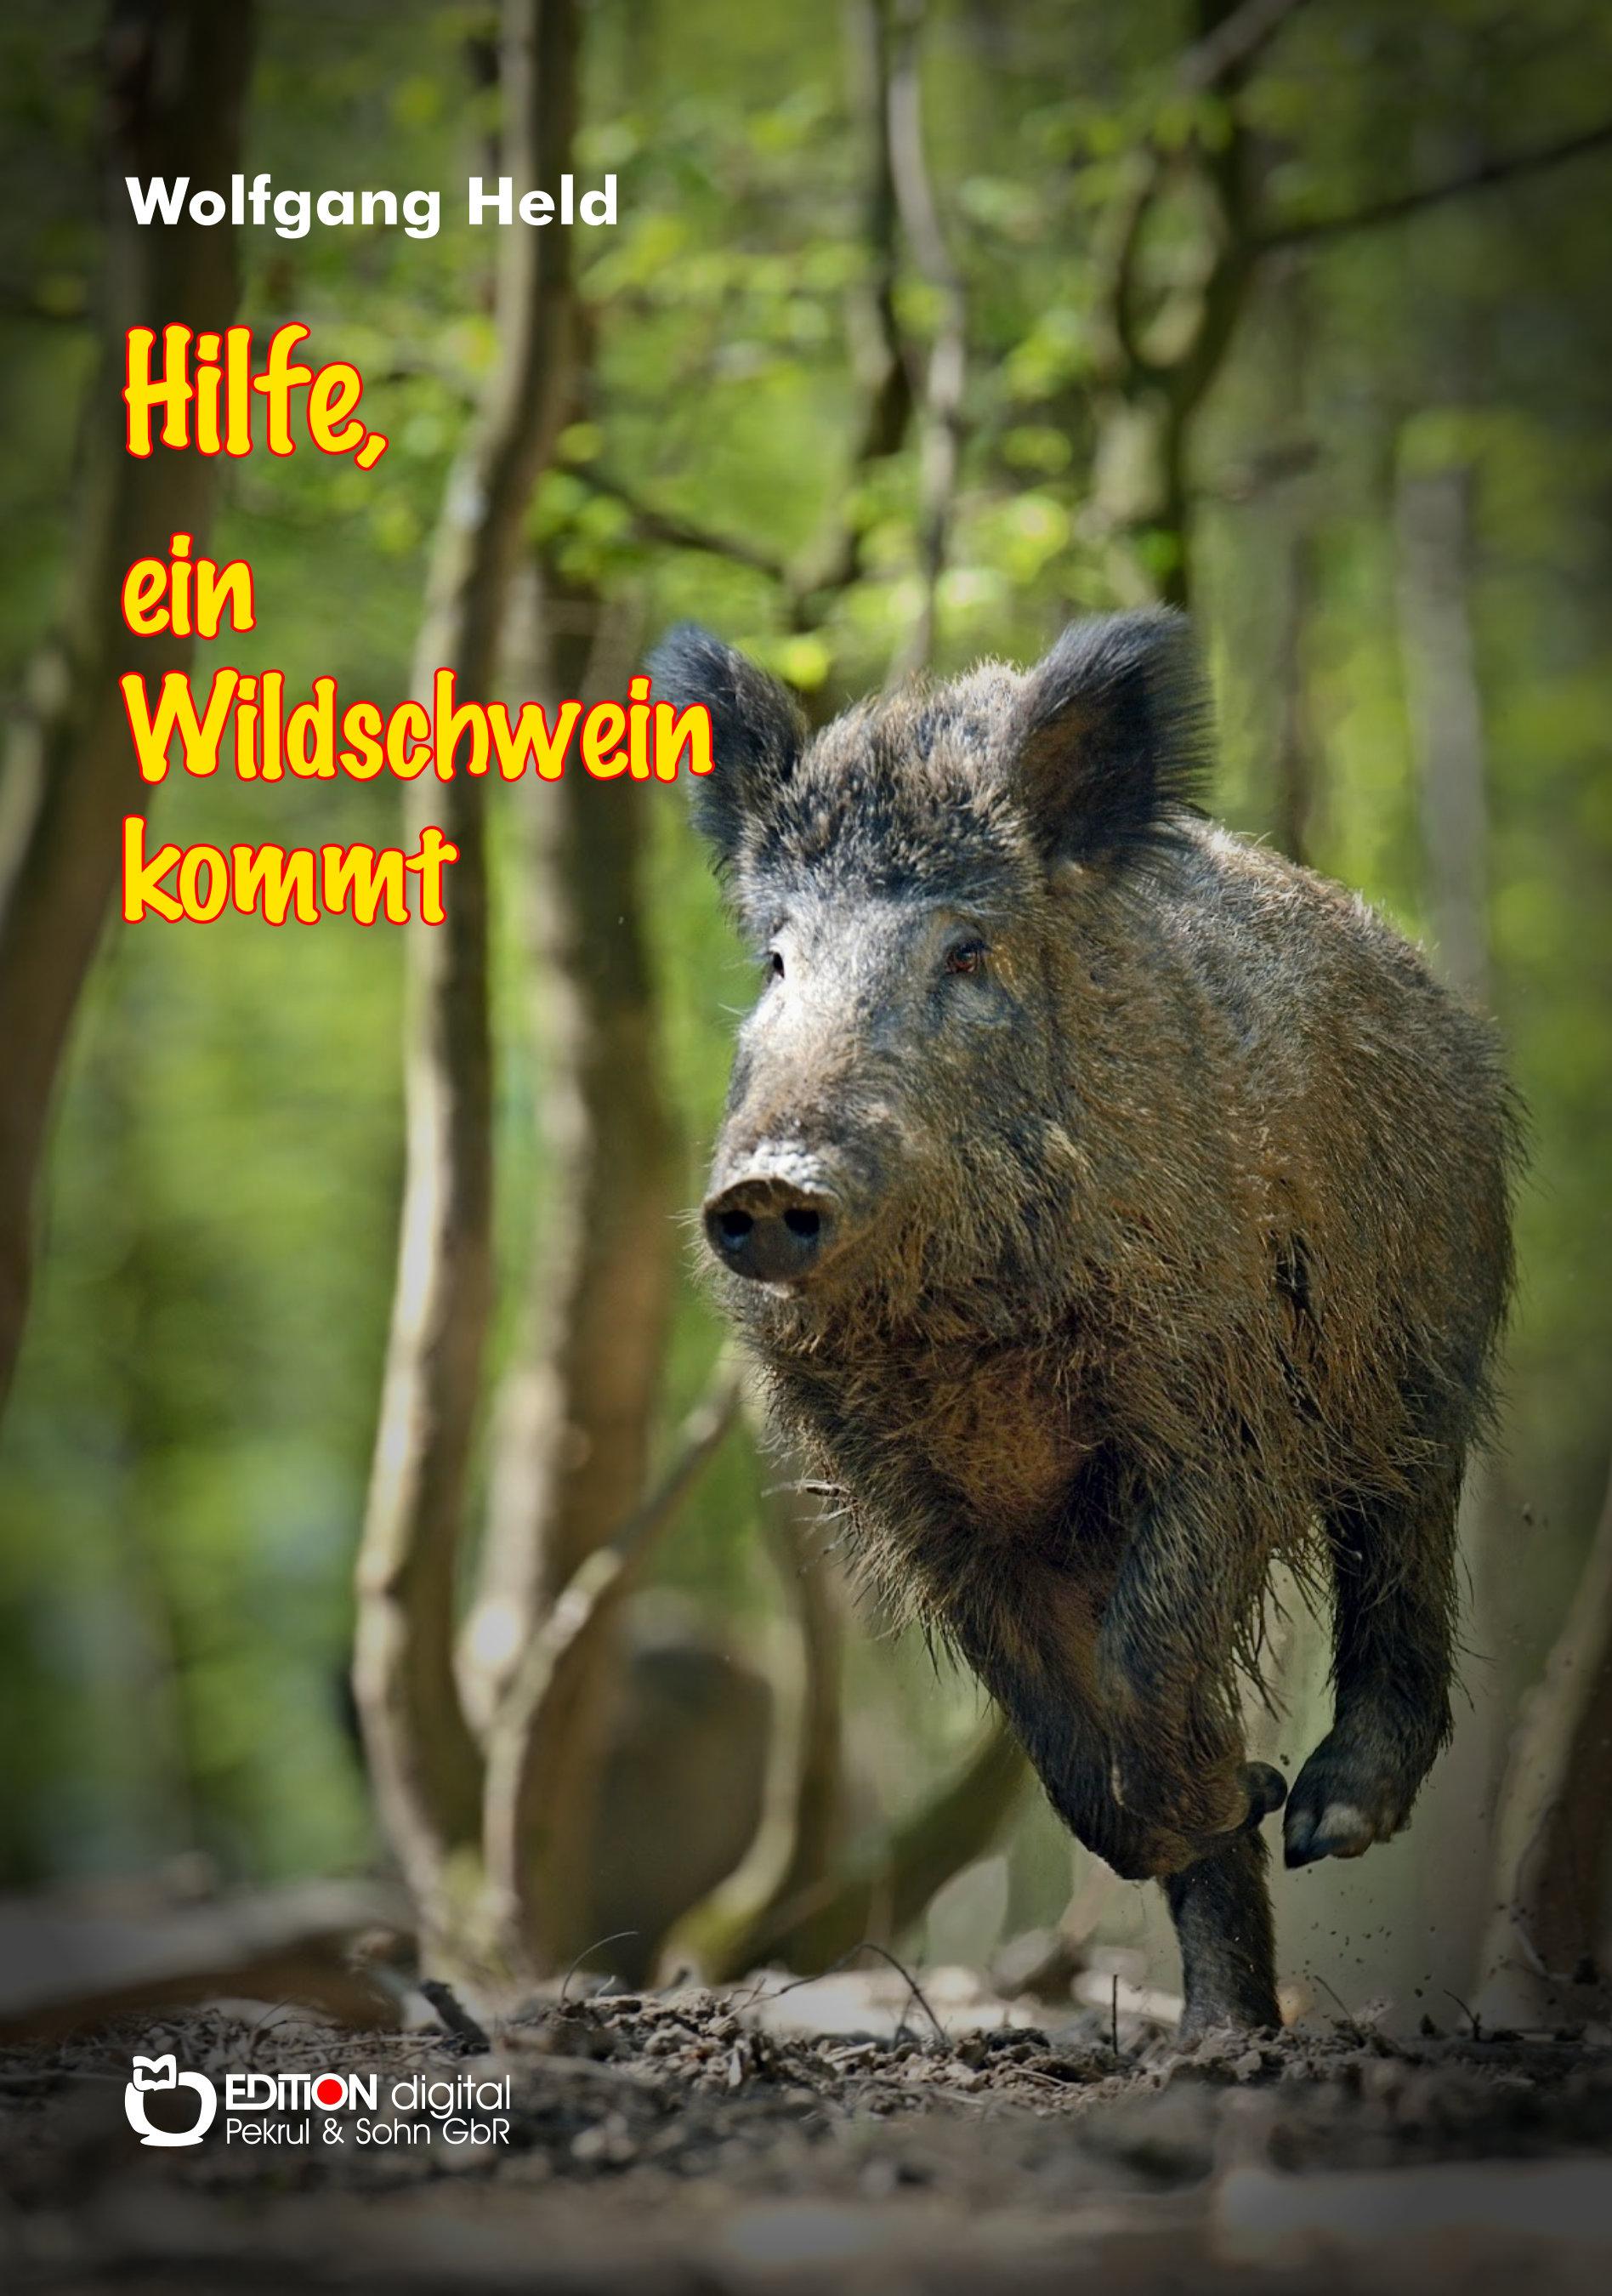 Hilfe, ein Wildschwein kommt von Wolfgang Held